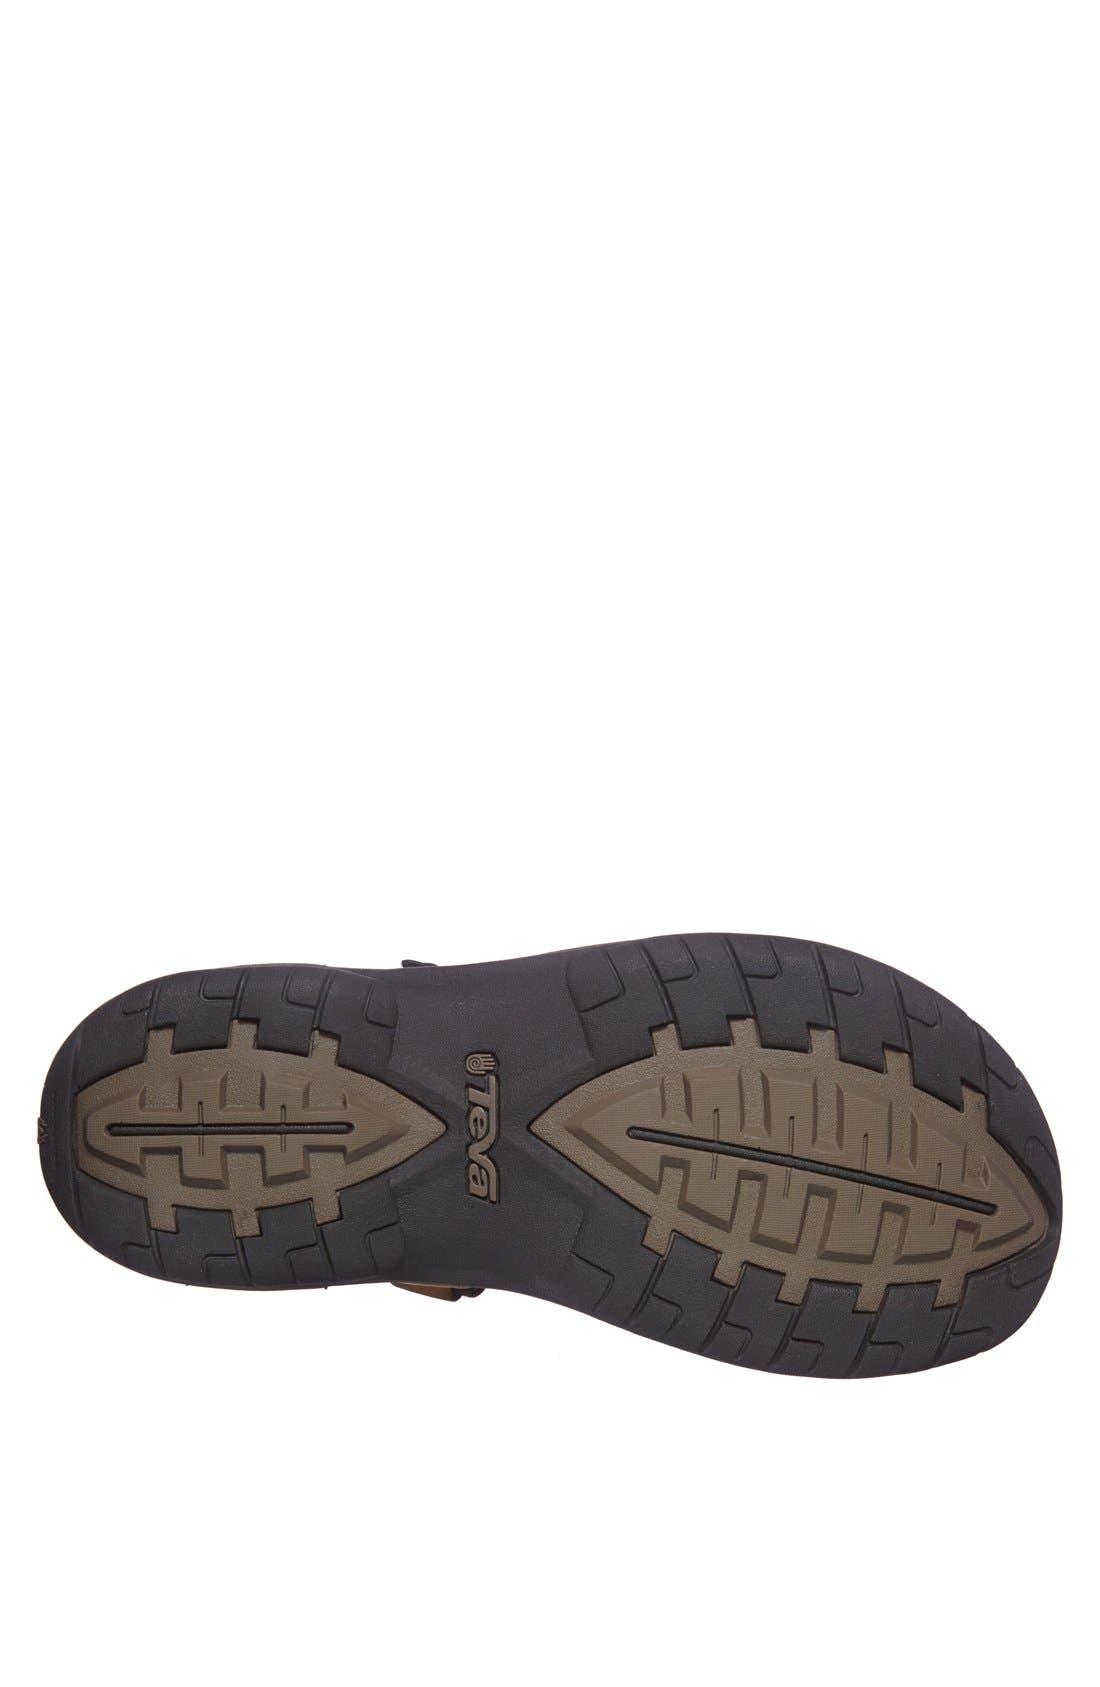 Alternate Image 4  - Teva 'Jetter' Sandal (Men)